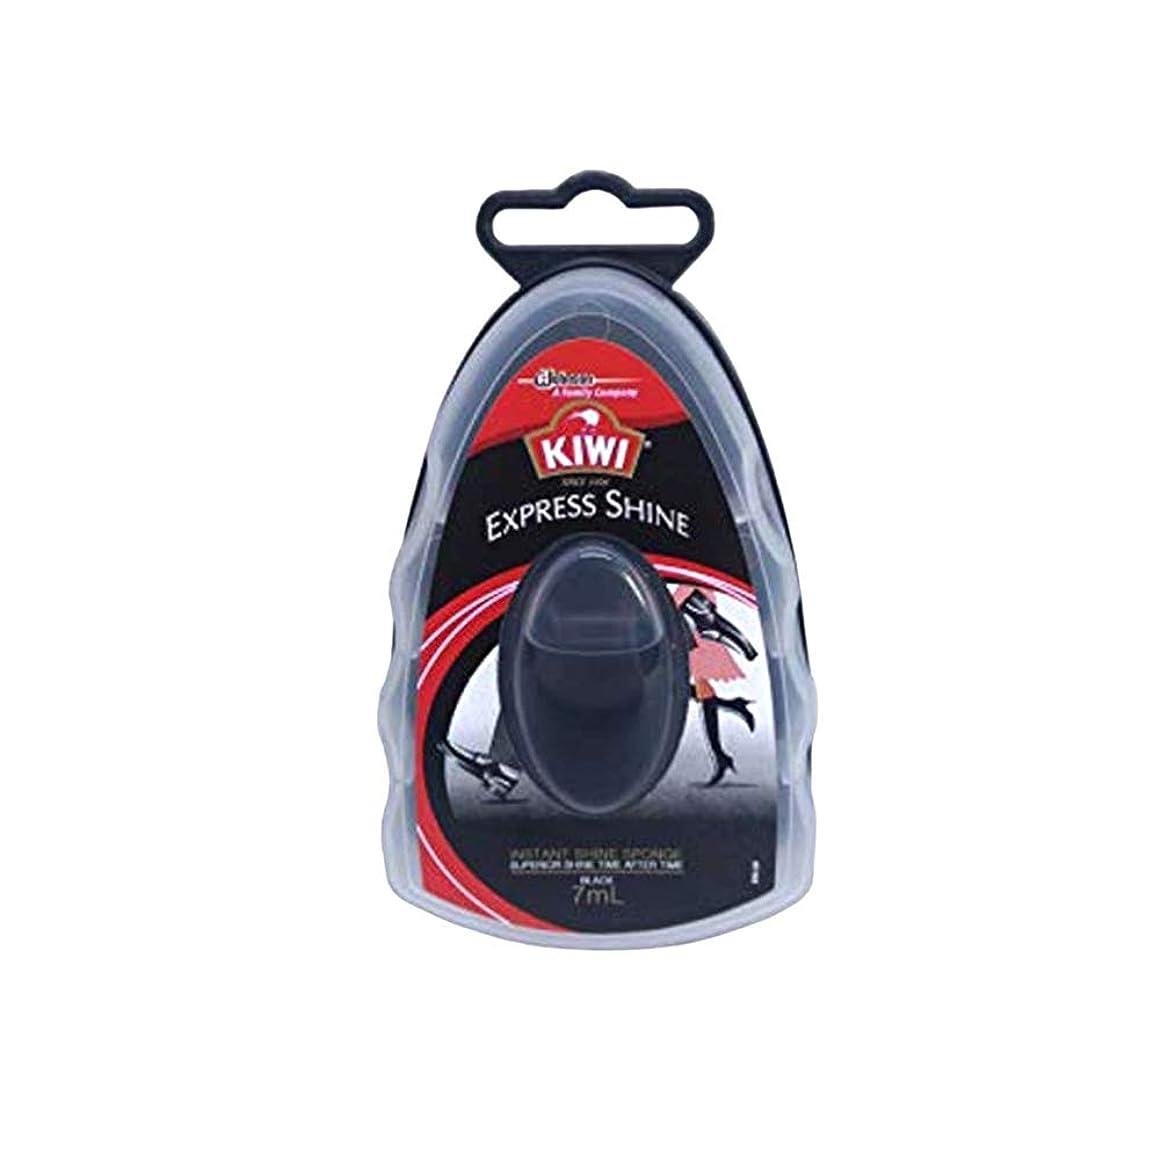 ハウジング分散バーゲン[KIWI] キィウイ エクスプレス シャイン 革靴用つや出しワックス スポンジタイプ 黒用 7ml オリジナルポーチ付き